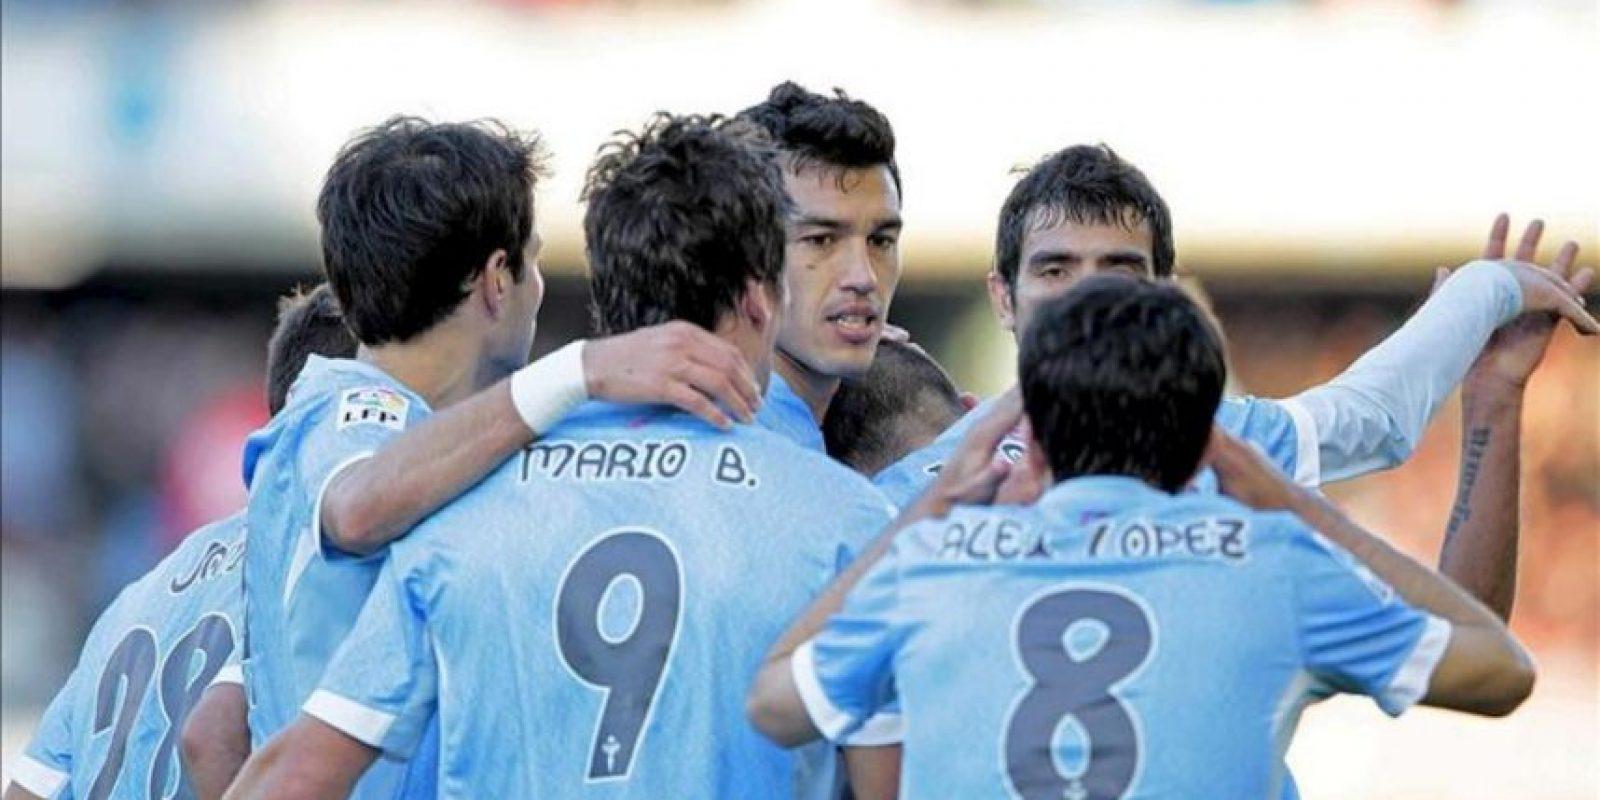 Los jugadores del Celta de Vigo celebran el gol marcado por su compañero, el delantero Mario Bermejo (c-primer término), ante el Granada, durante el partido de la vigésimo quinta jornada de Liga de Primera División disputado en el estadio de Balaidos. EFE